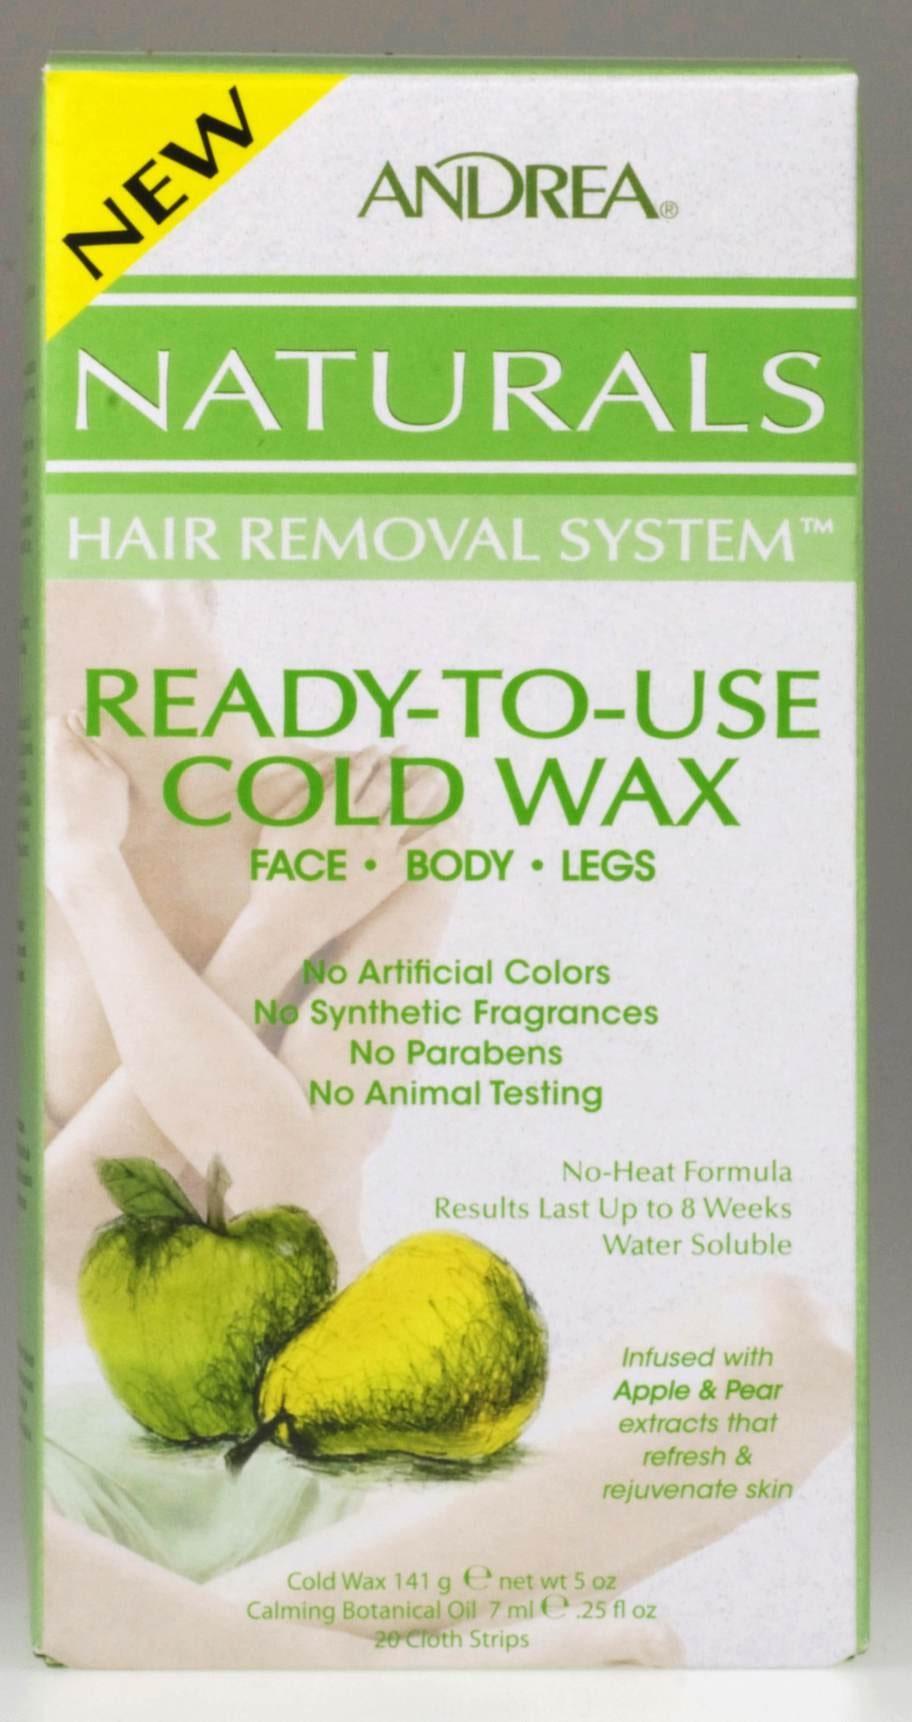 """<p><exp:icon type=""""wasp""""></exp:icon><exp:icon type=""""wasp""""></exp:icon><exp:icon type=""""wasp""""></exp:icon><exp:icon type=""""wasp""""></exp:icon><br><strong>Andrea Naturals. Naturals hair removal systems, 115 kronor.</strong><br>Ett kallvax för hemmabruk som är färdigt att använda. Bygger på naturliga fruktextrakt som är vattenlösligt vilket är bra då det ska sköljas bort.<br>Metod: Kallvax.</p>"""